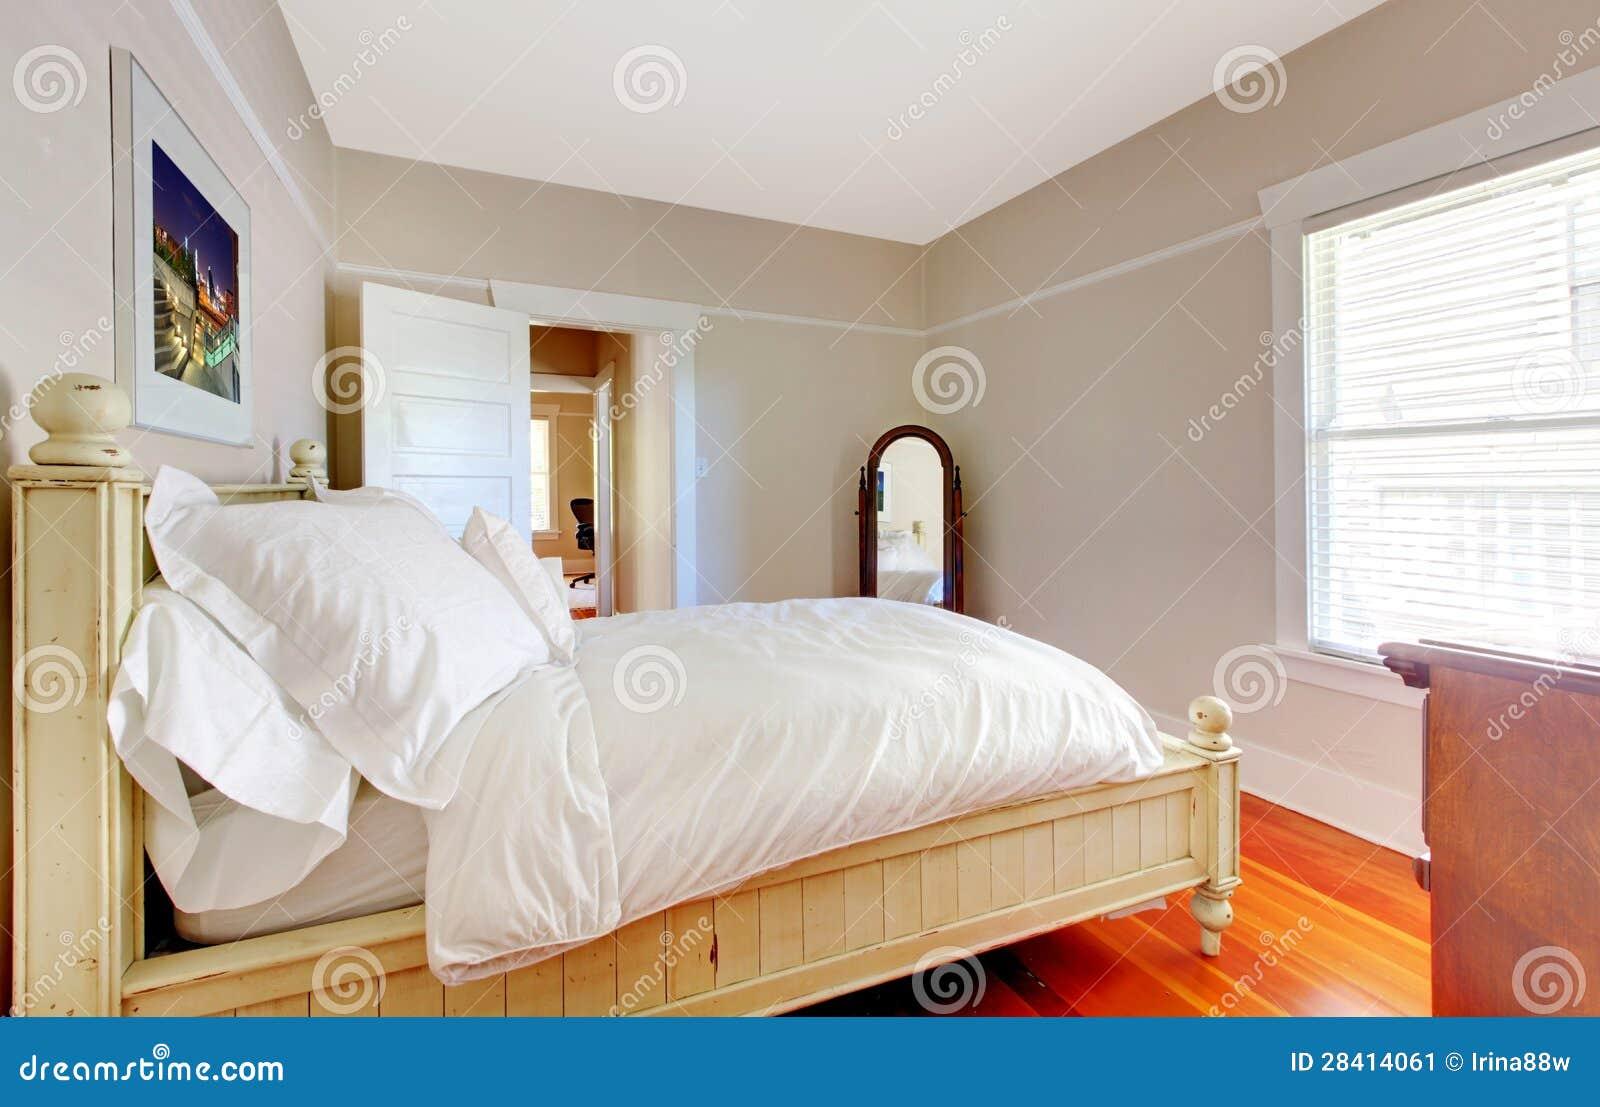 Dormitorio brillante con la cama blanca y las paredes for Cama blanca